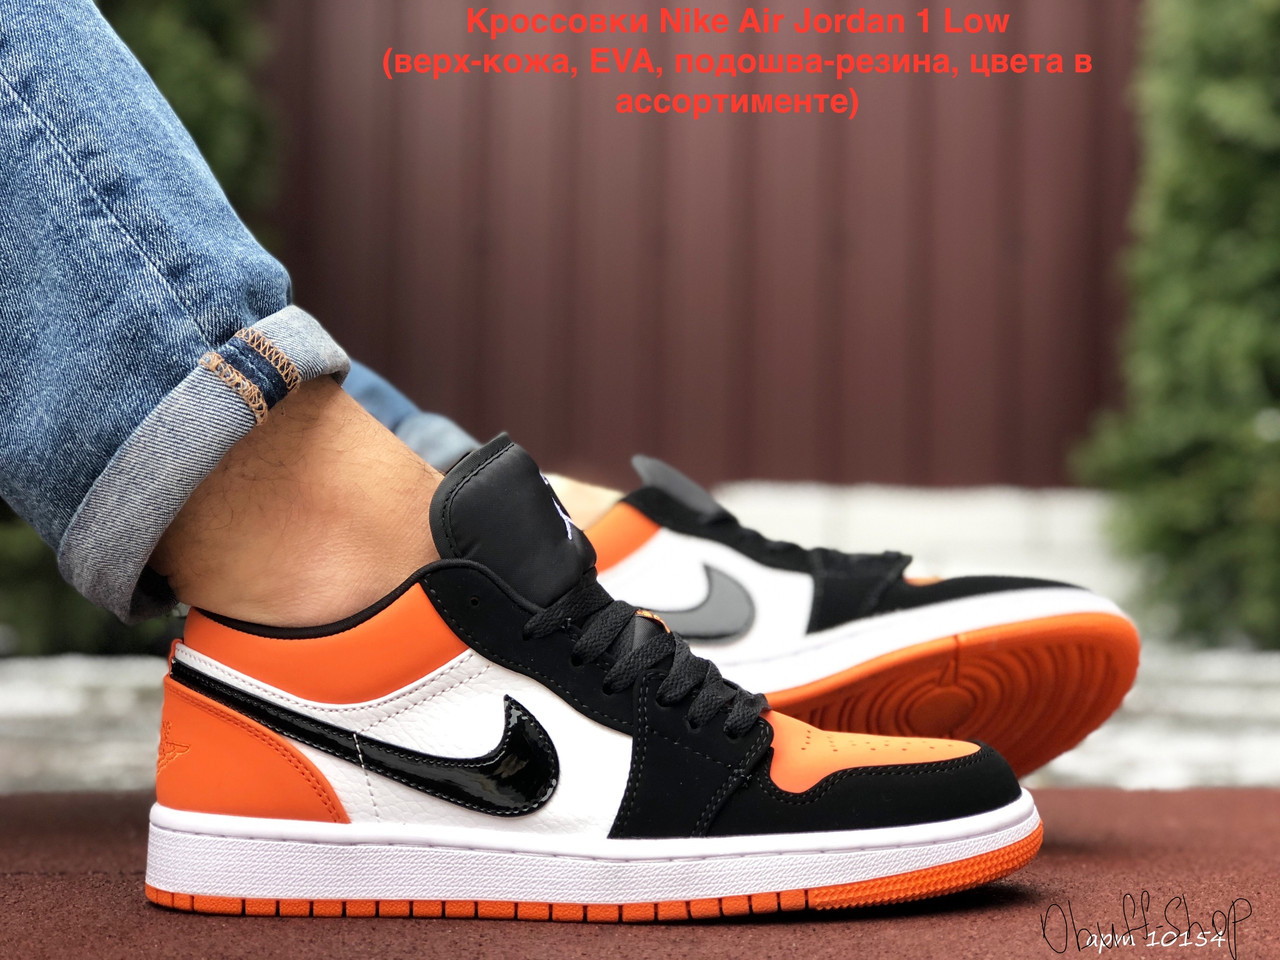 Кроссовки мужские Найк Джордан - Nike Air Jordan 1 Low (верх-кожа, EVA, подошва-резина, цвета в ассортименте)